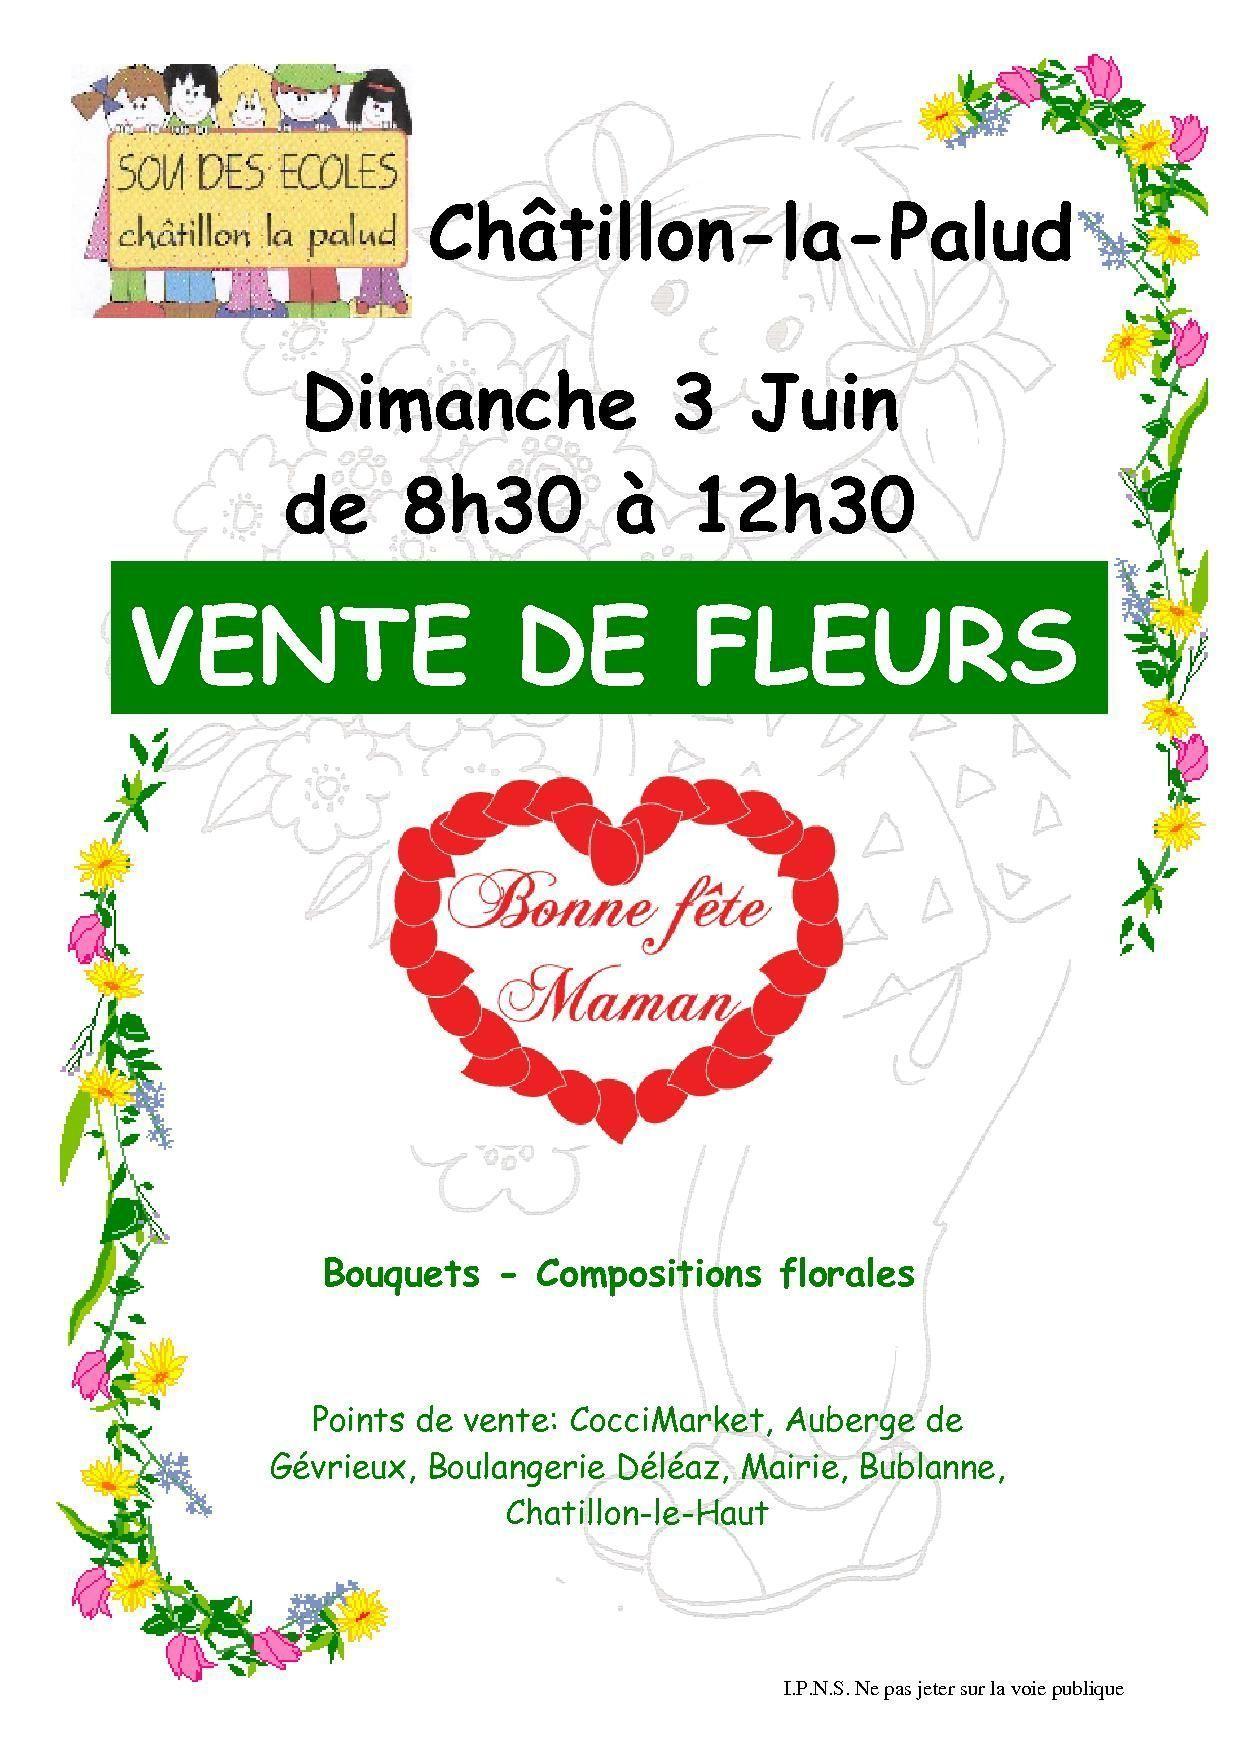 Vente de fleurs fetes des meres for Vente de fleurs par correspondance